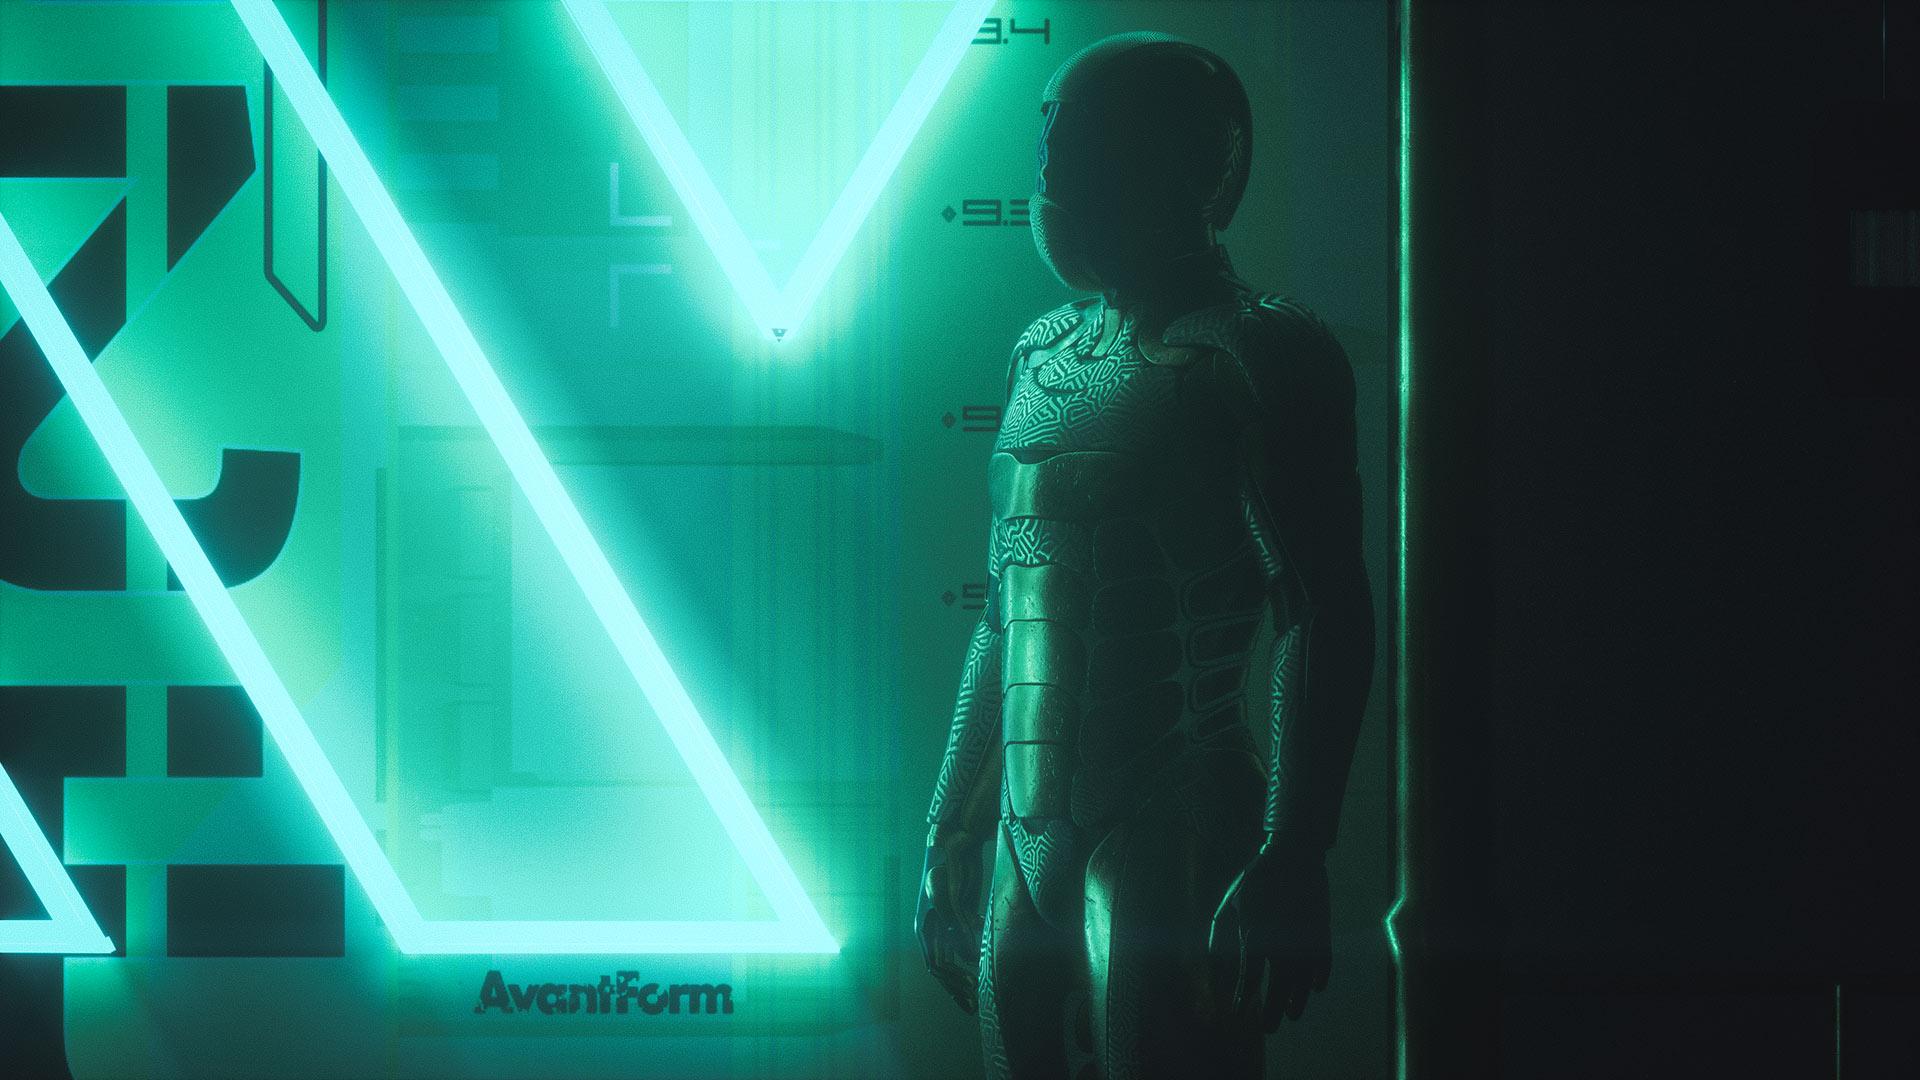 avantform_launch_reel_111_opt